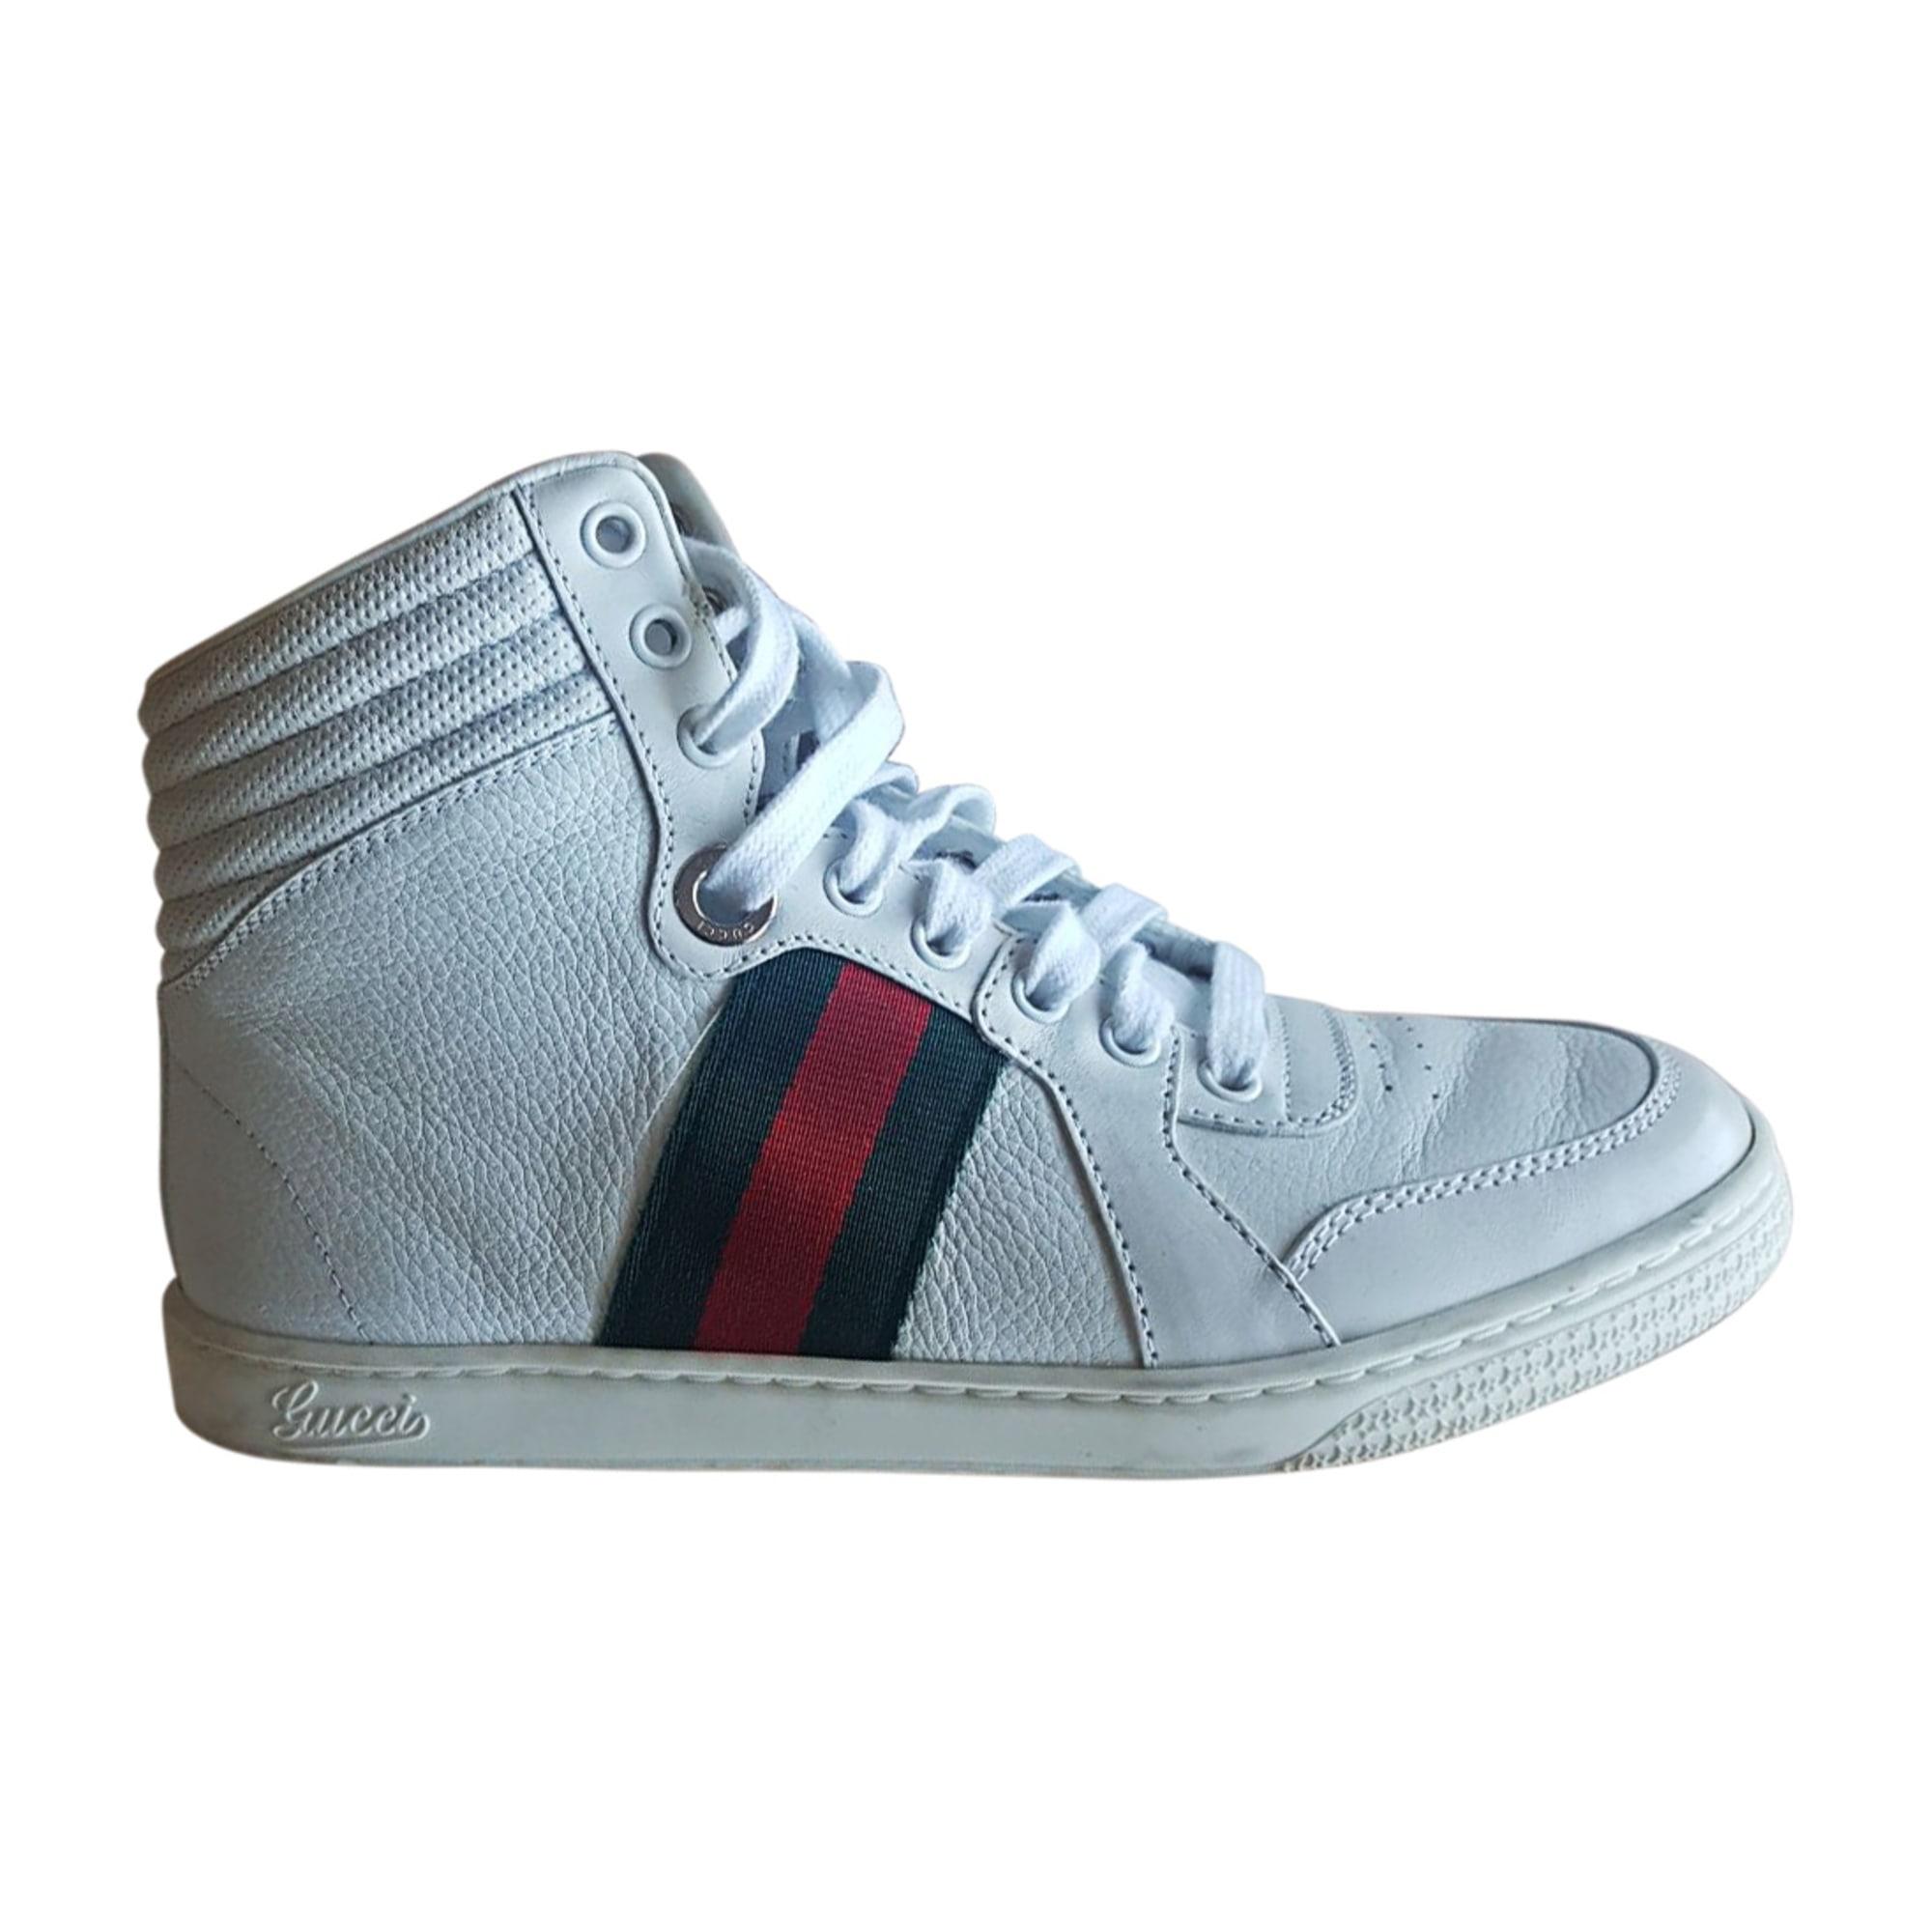 Sneakers GUCCI Weiß, elfenbeinfarben